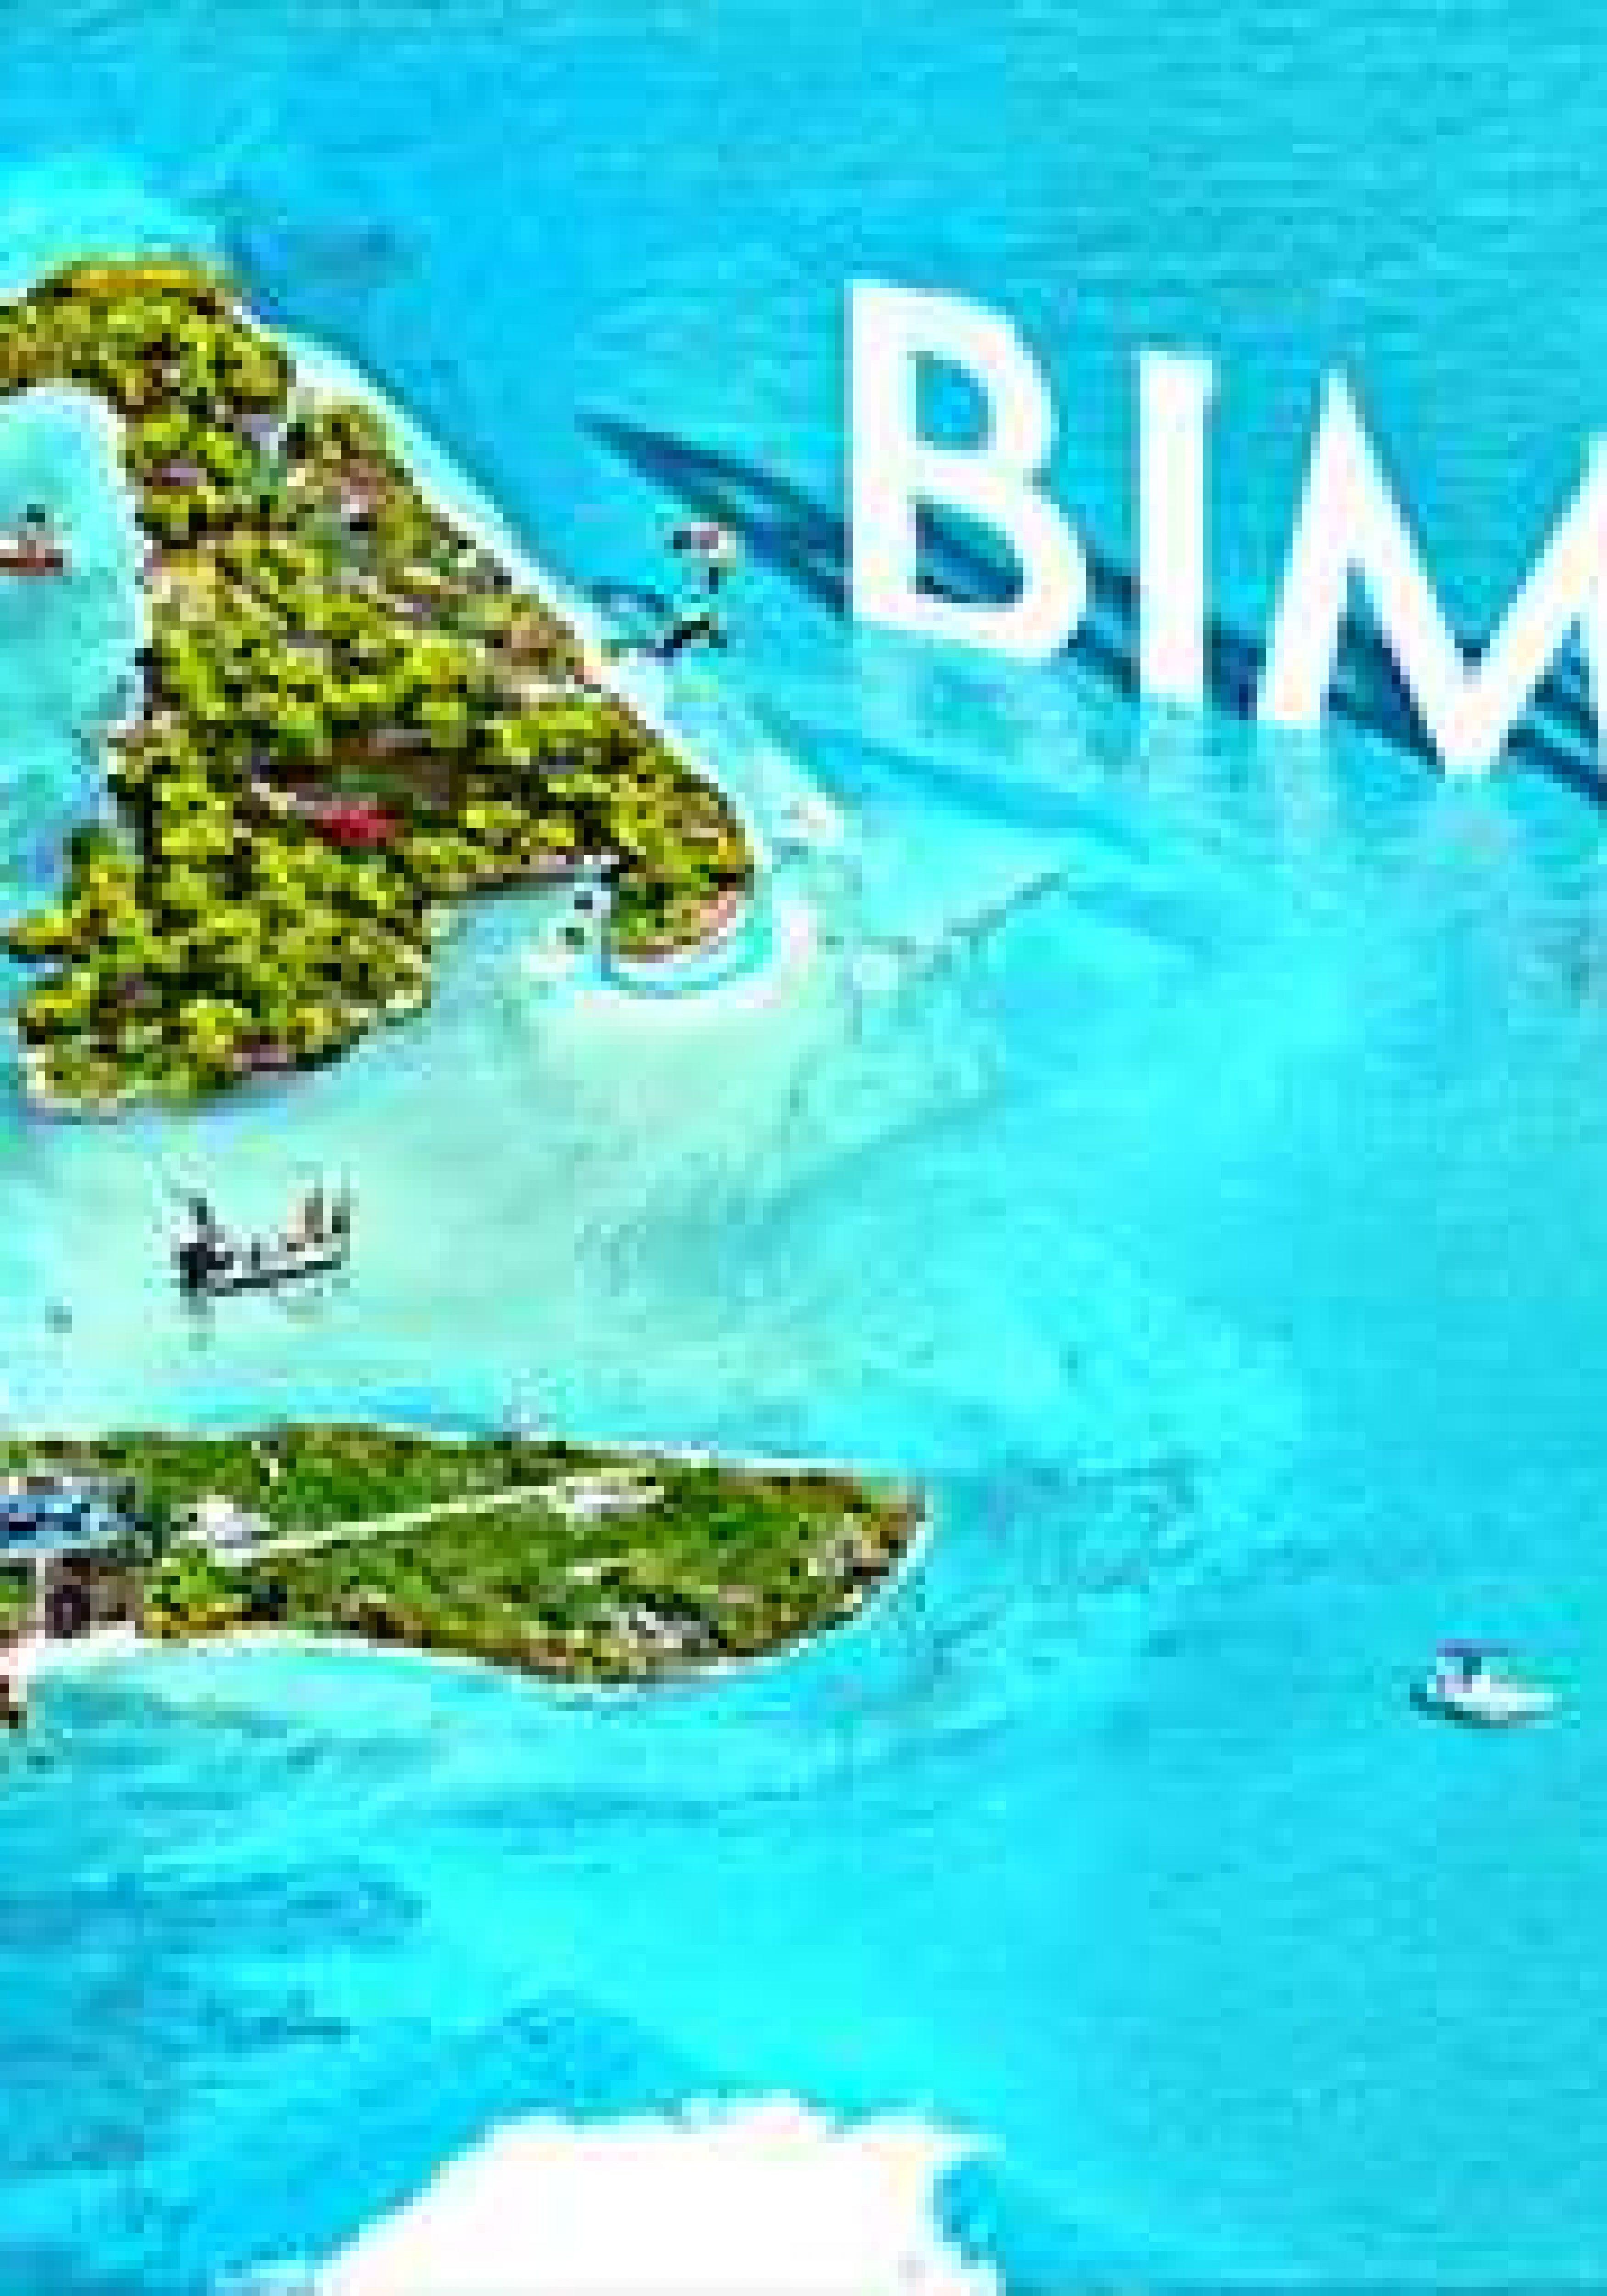 bimini-3500x5000.jpg